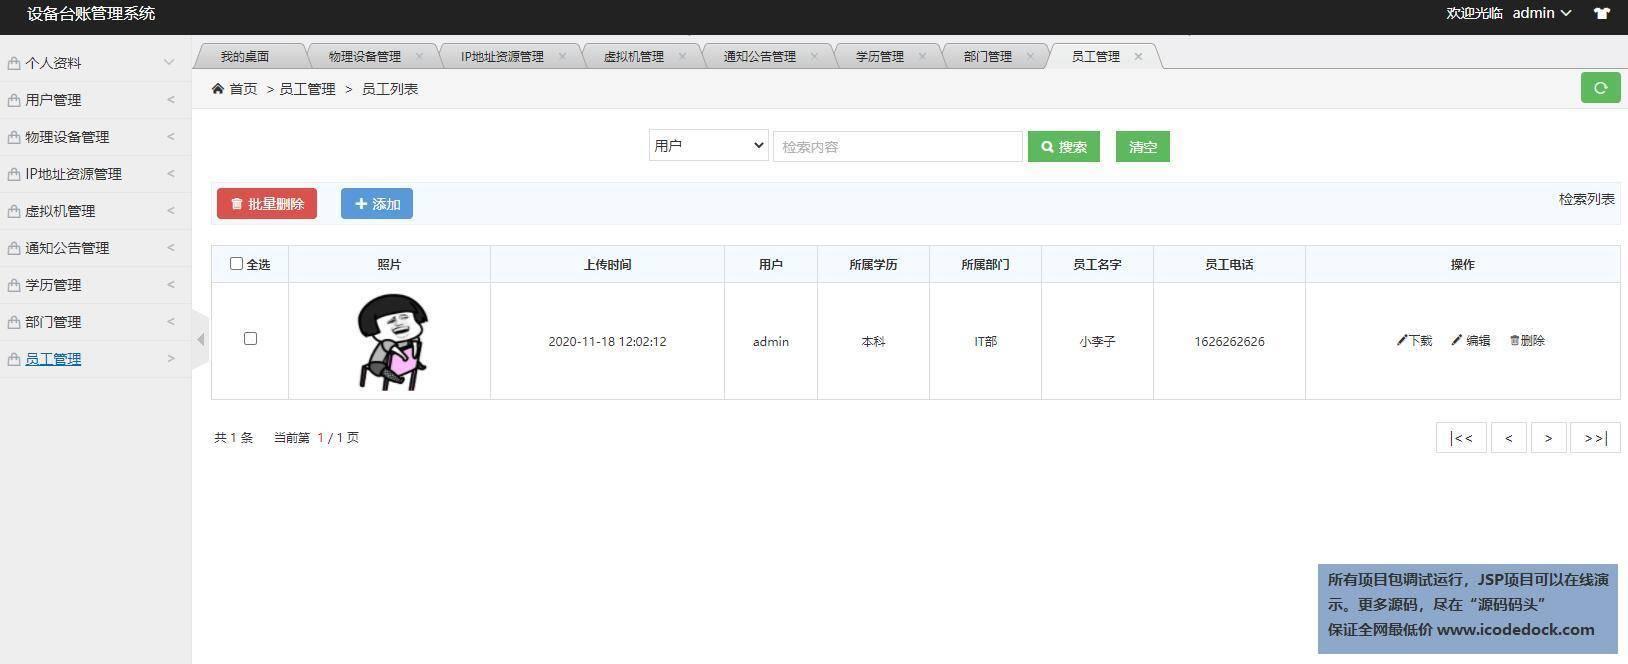 源码码头-SSM设备台账管理系统-管理员角色-员工管理